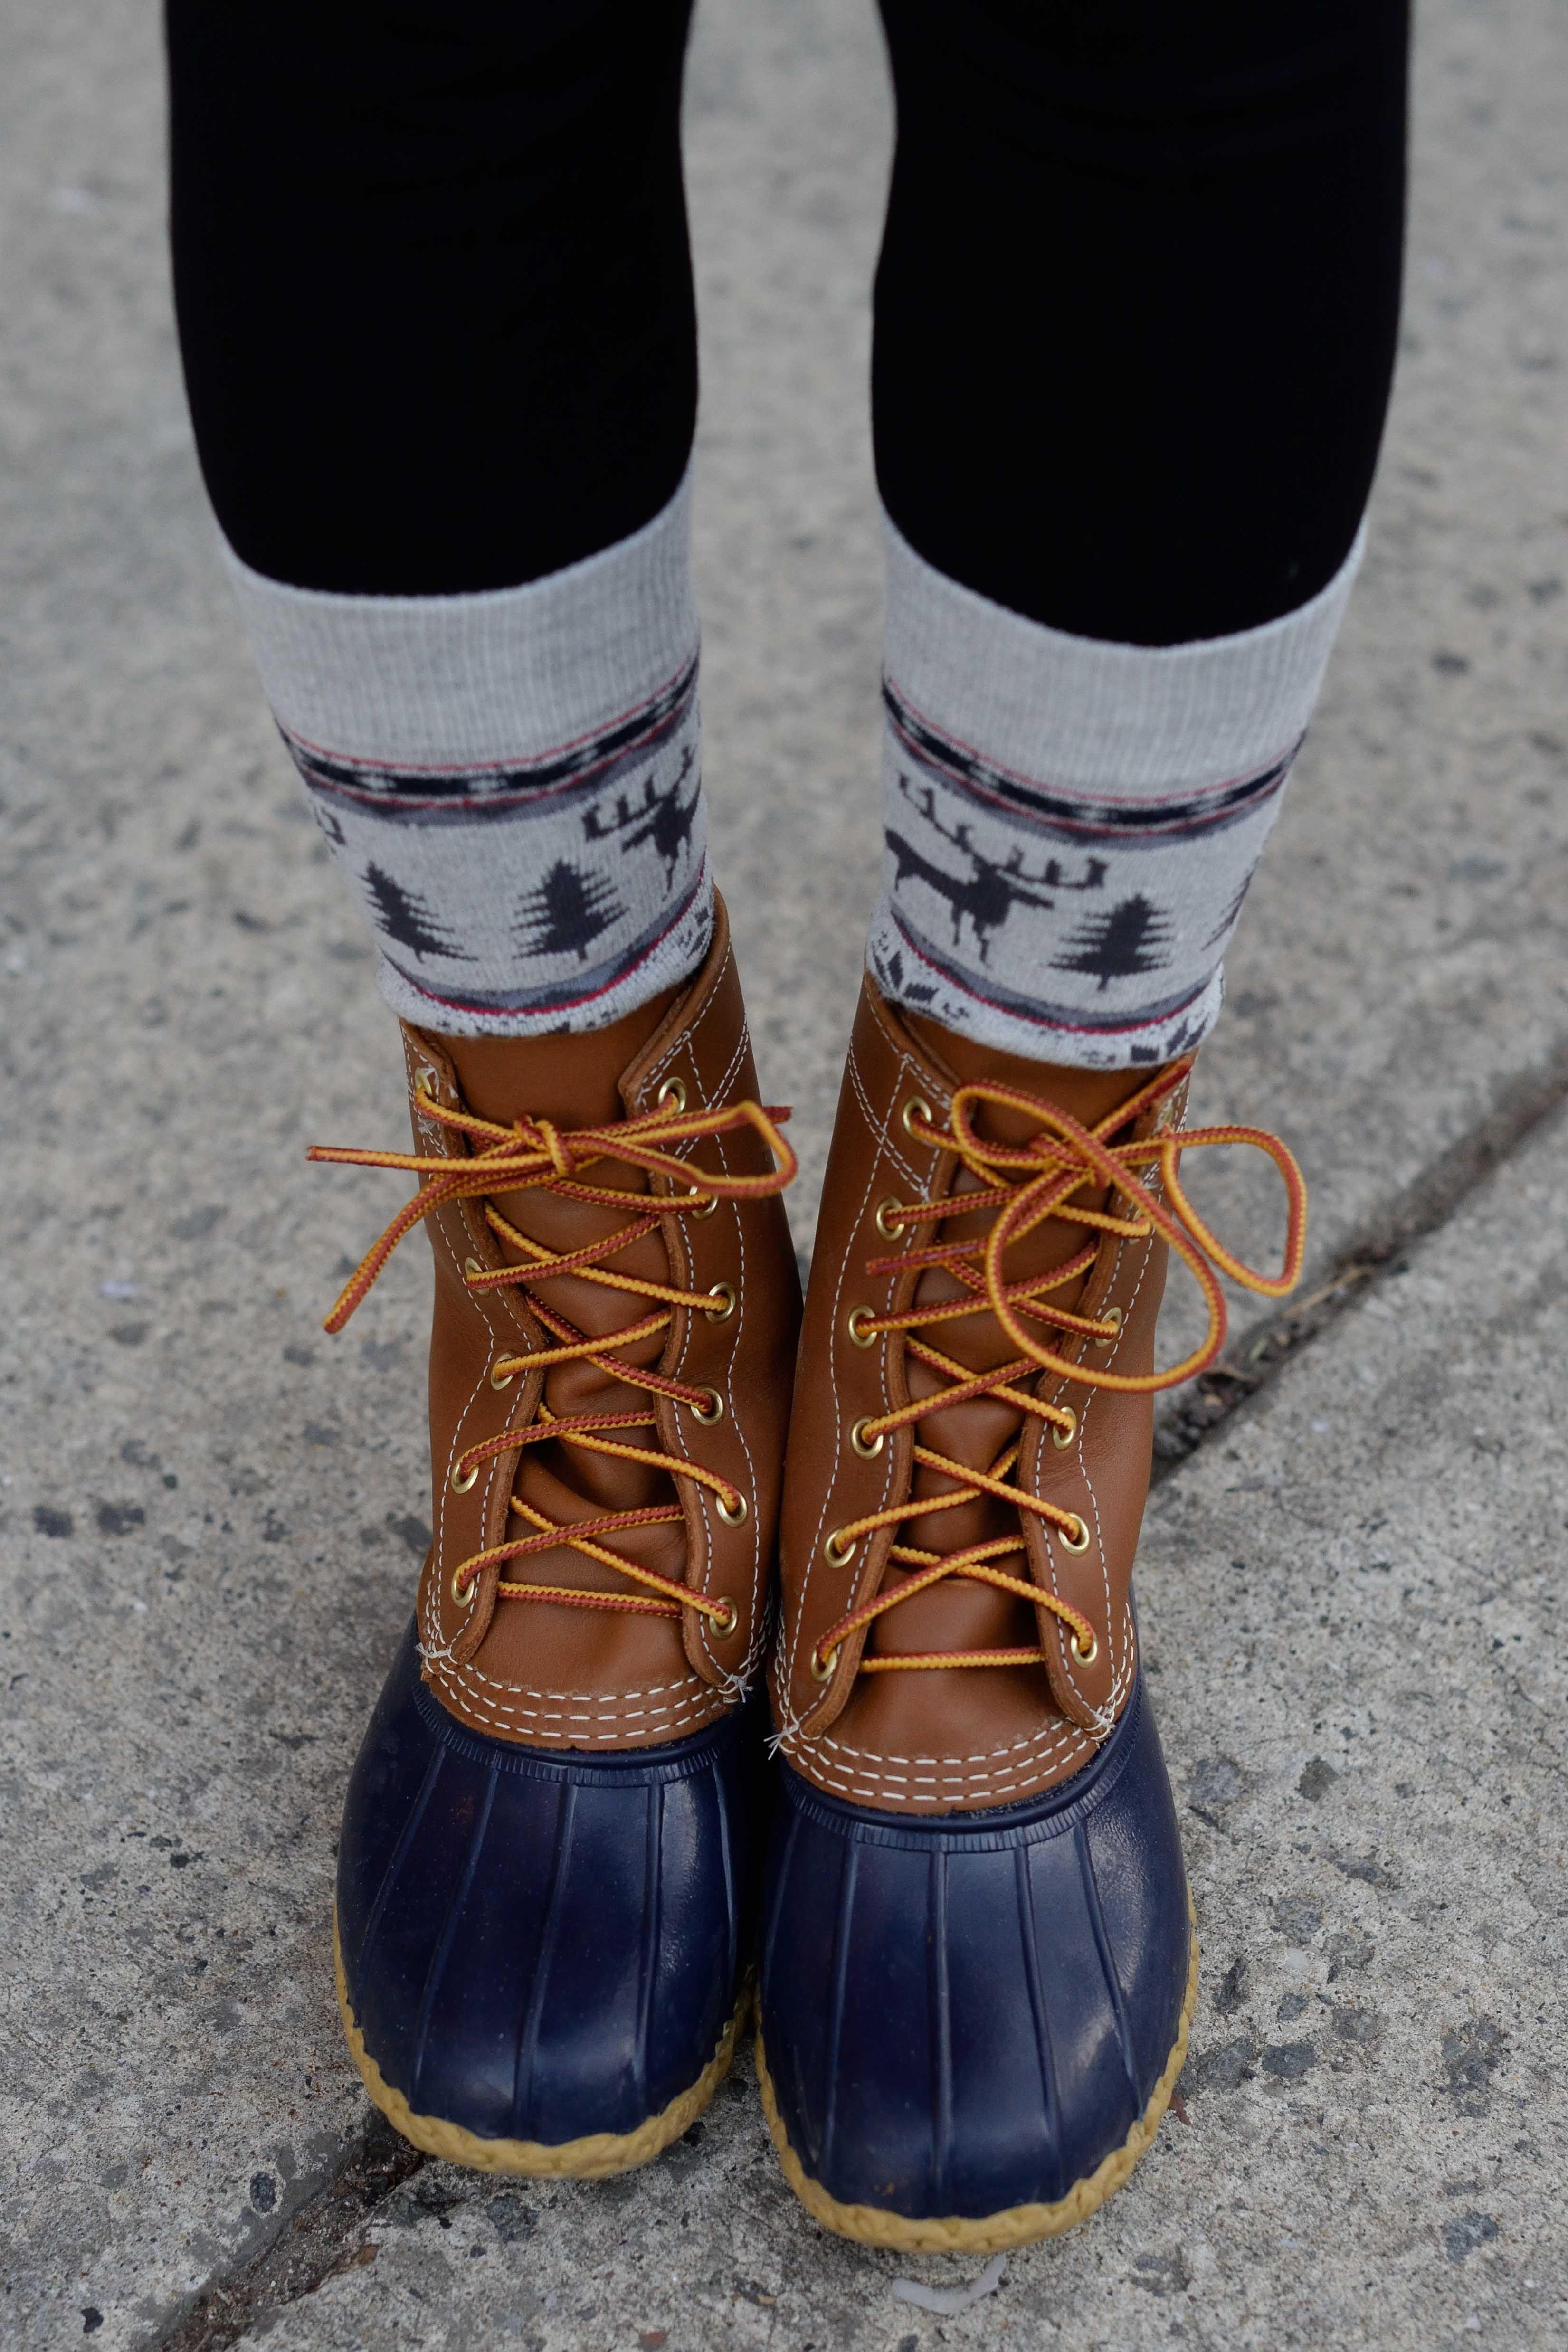 b80134ffbad6 L.L. Bean Boots